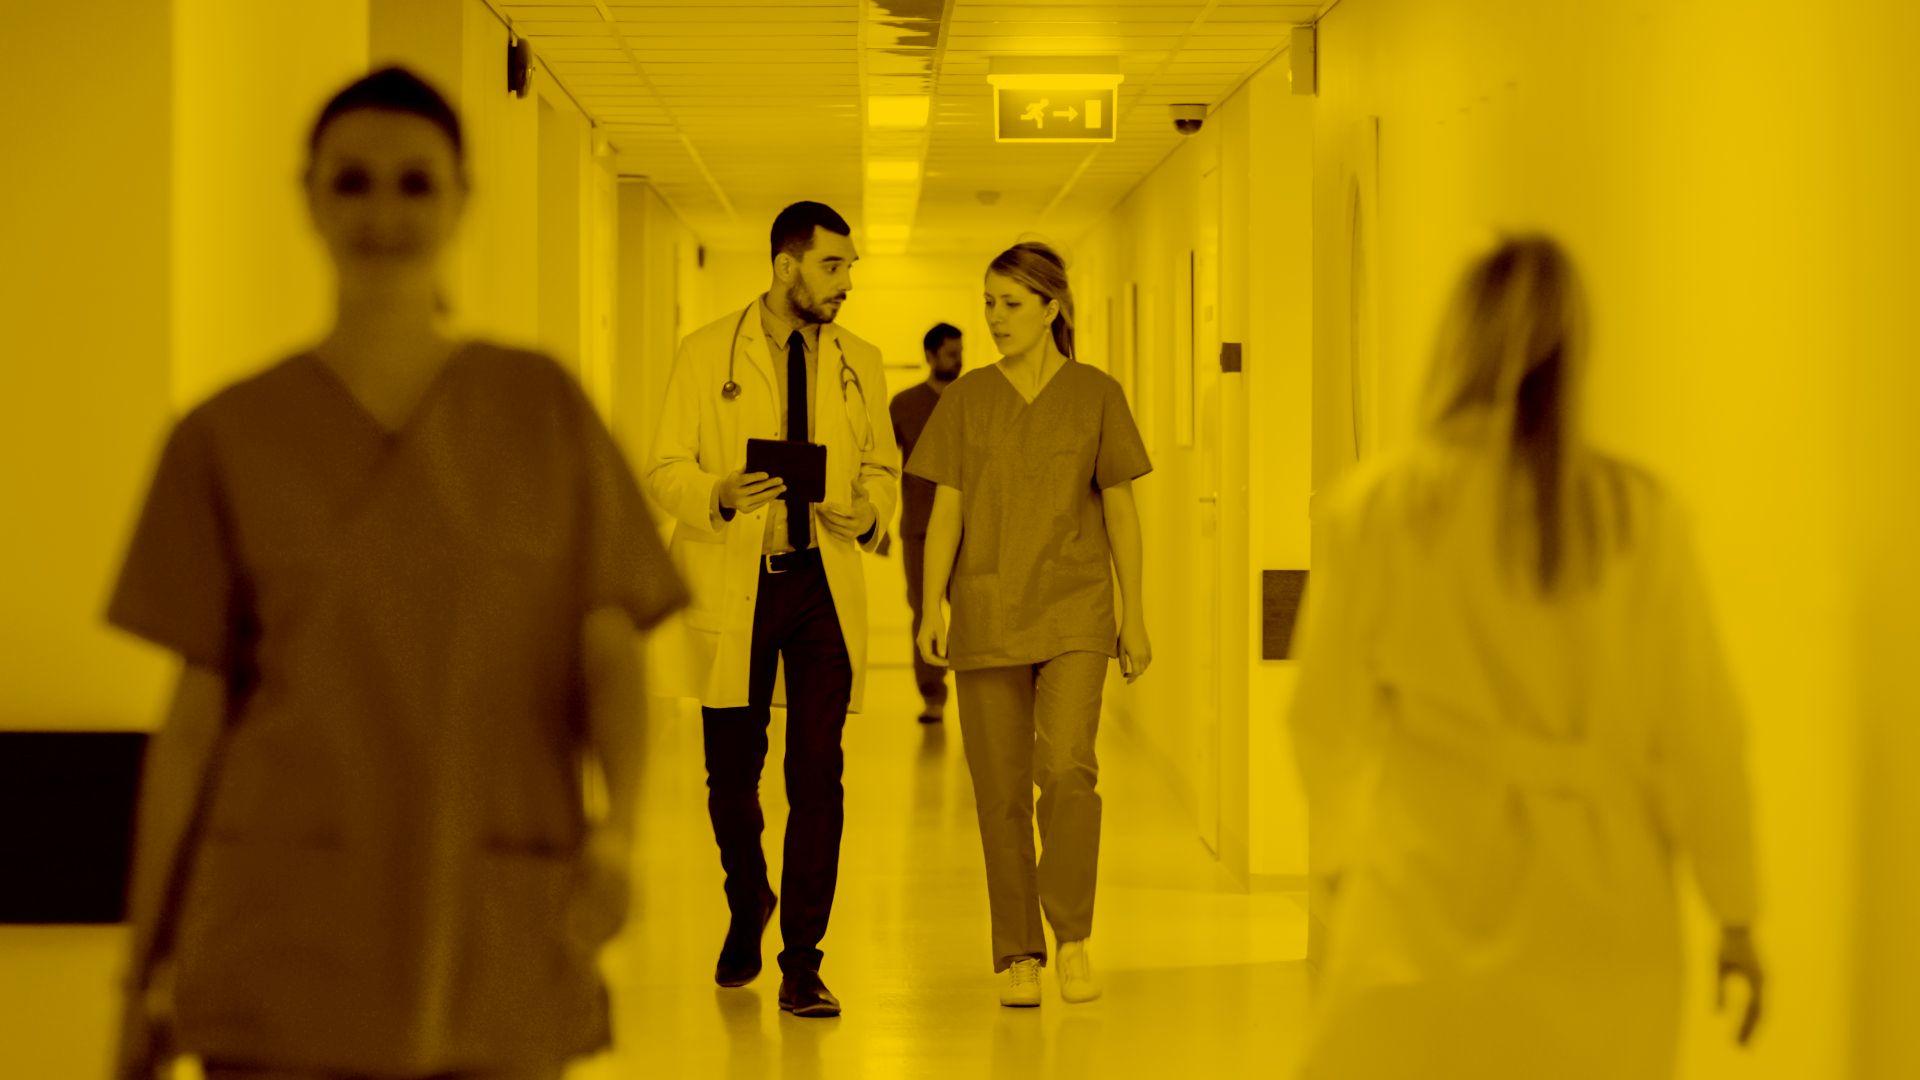 Arzt und Pflegerin diskutieren über Easysoft Pflegesoftware in der maja.cloud